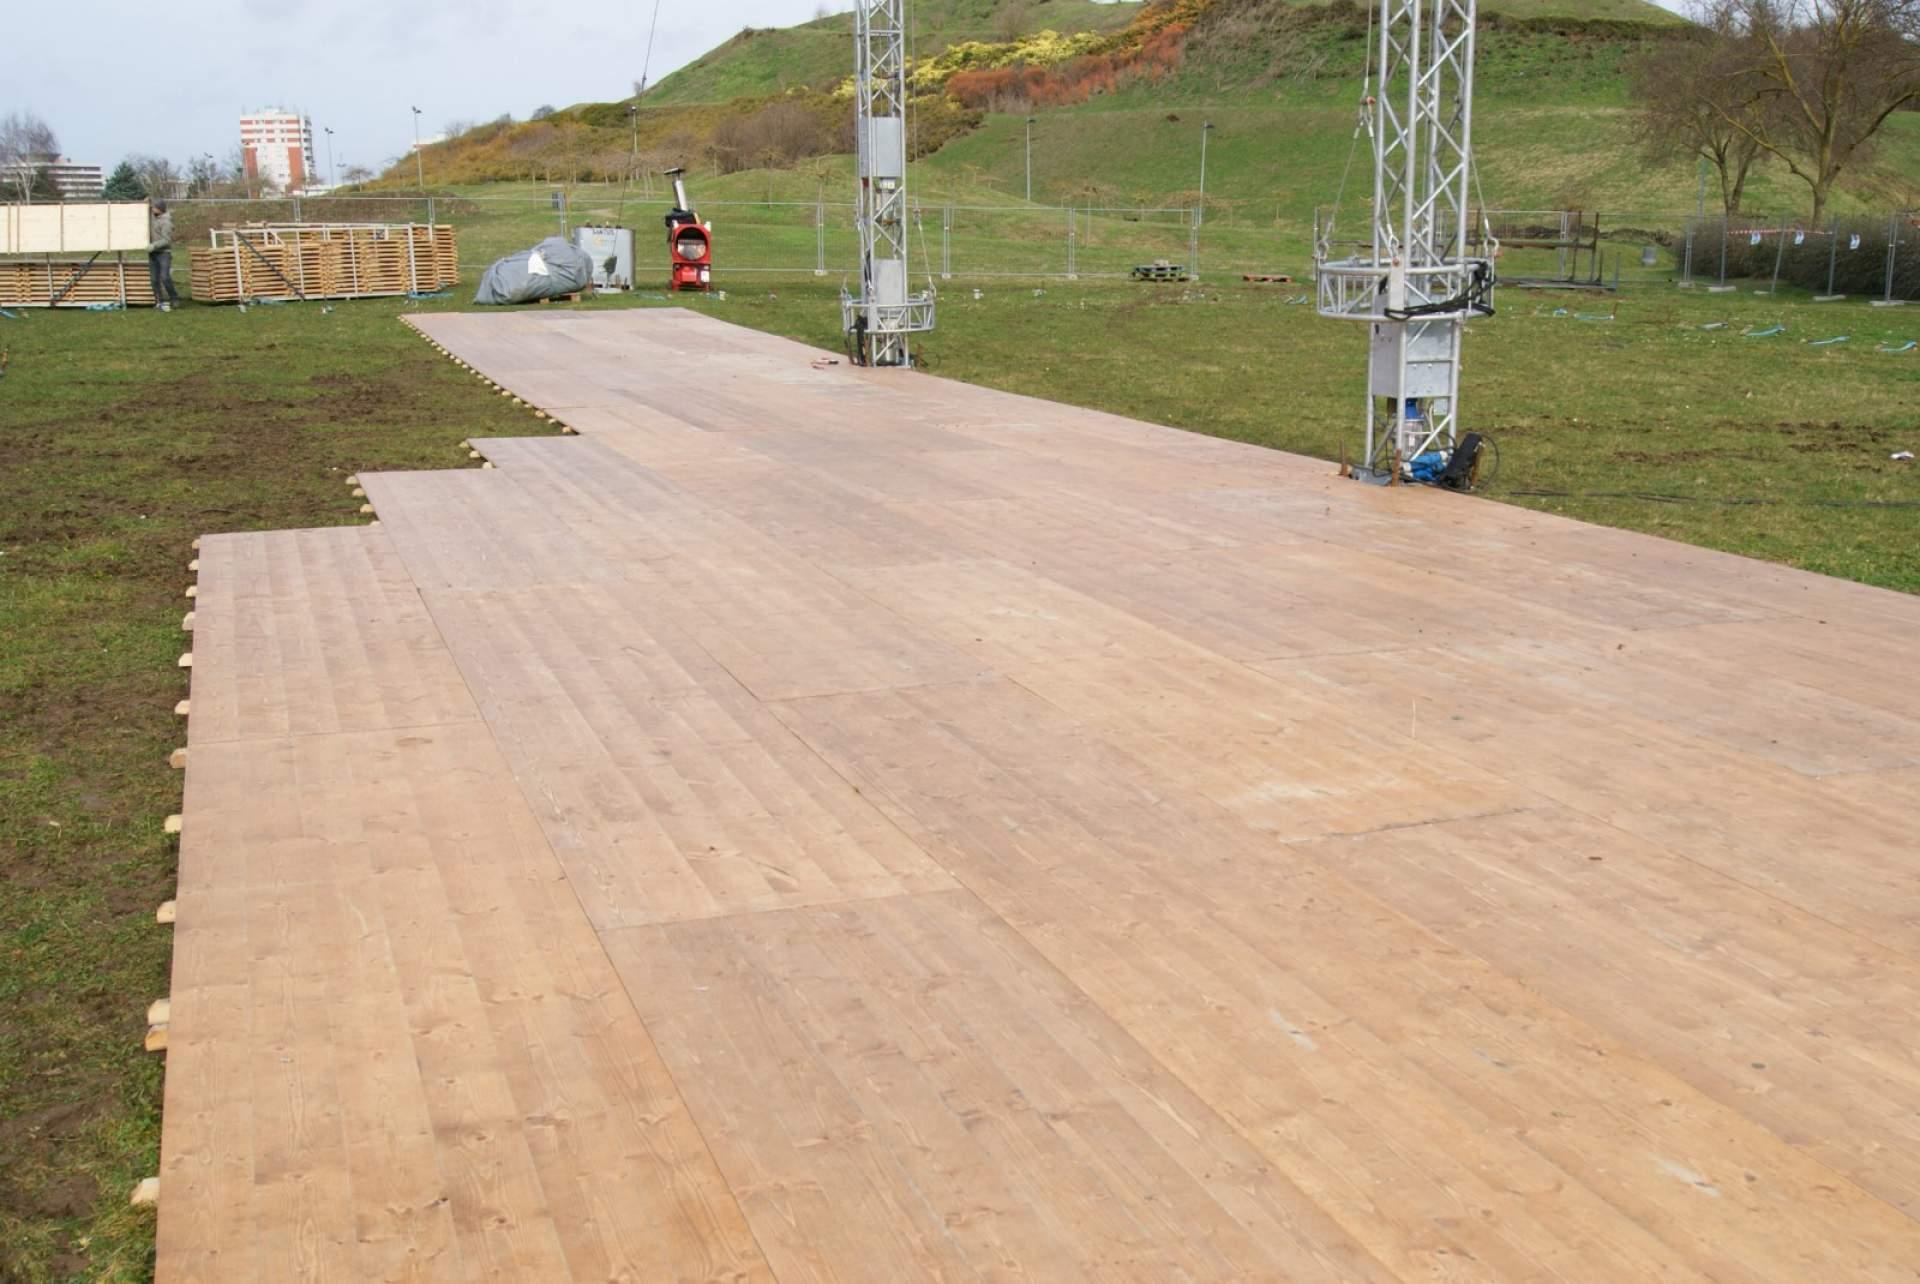 Location de plancher pour v nement ext rieur dans les for Plancher exterieur bois